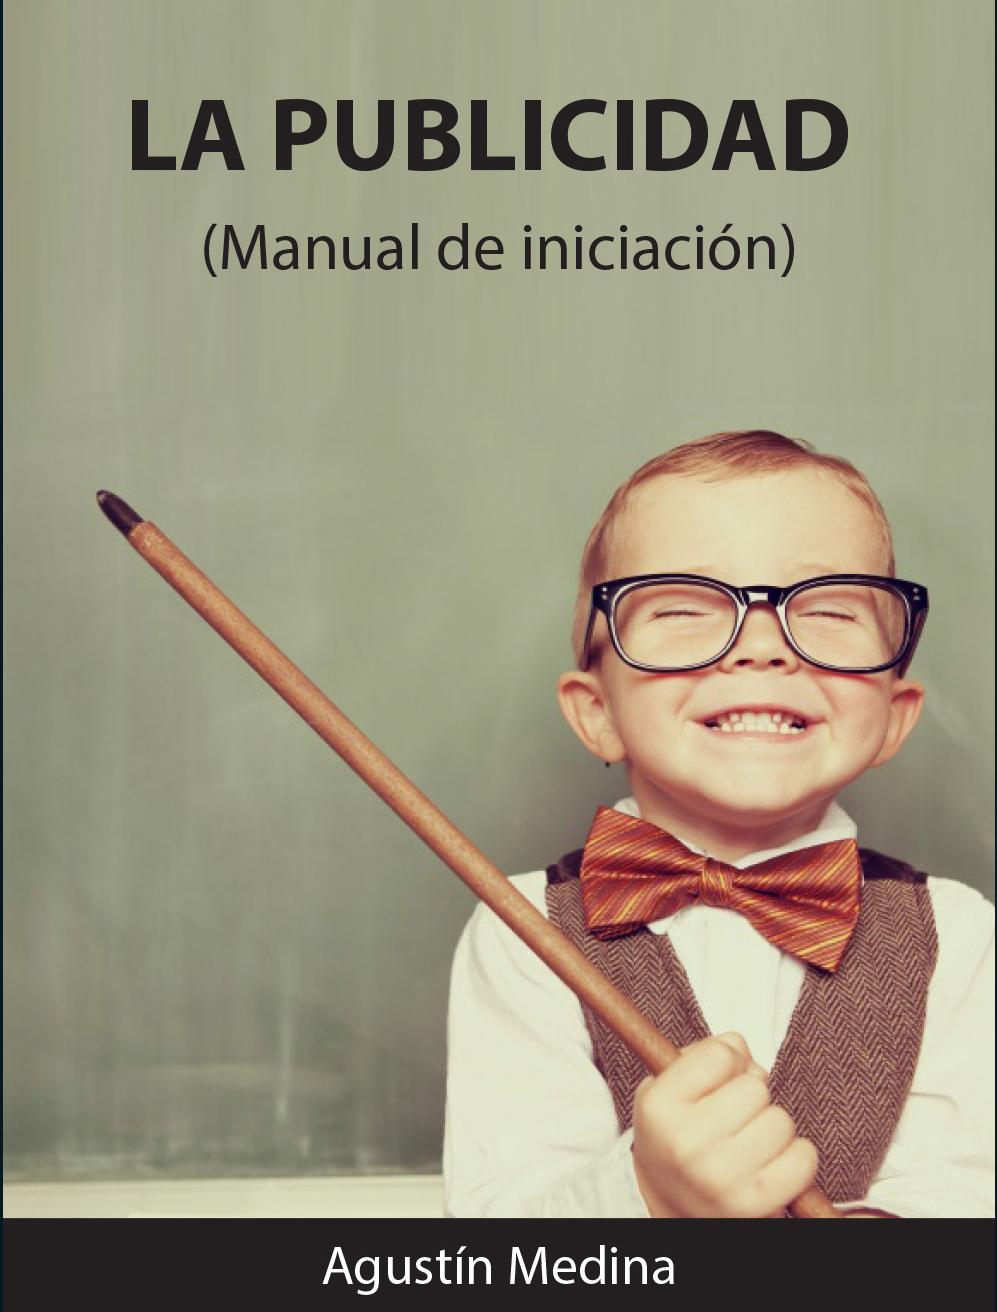 libro_La Publicidad2